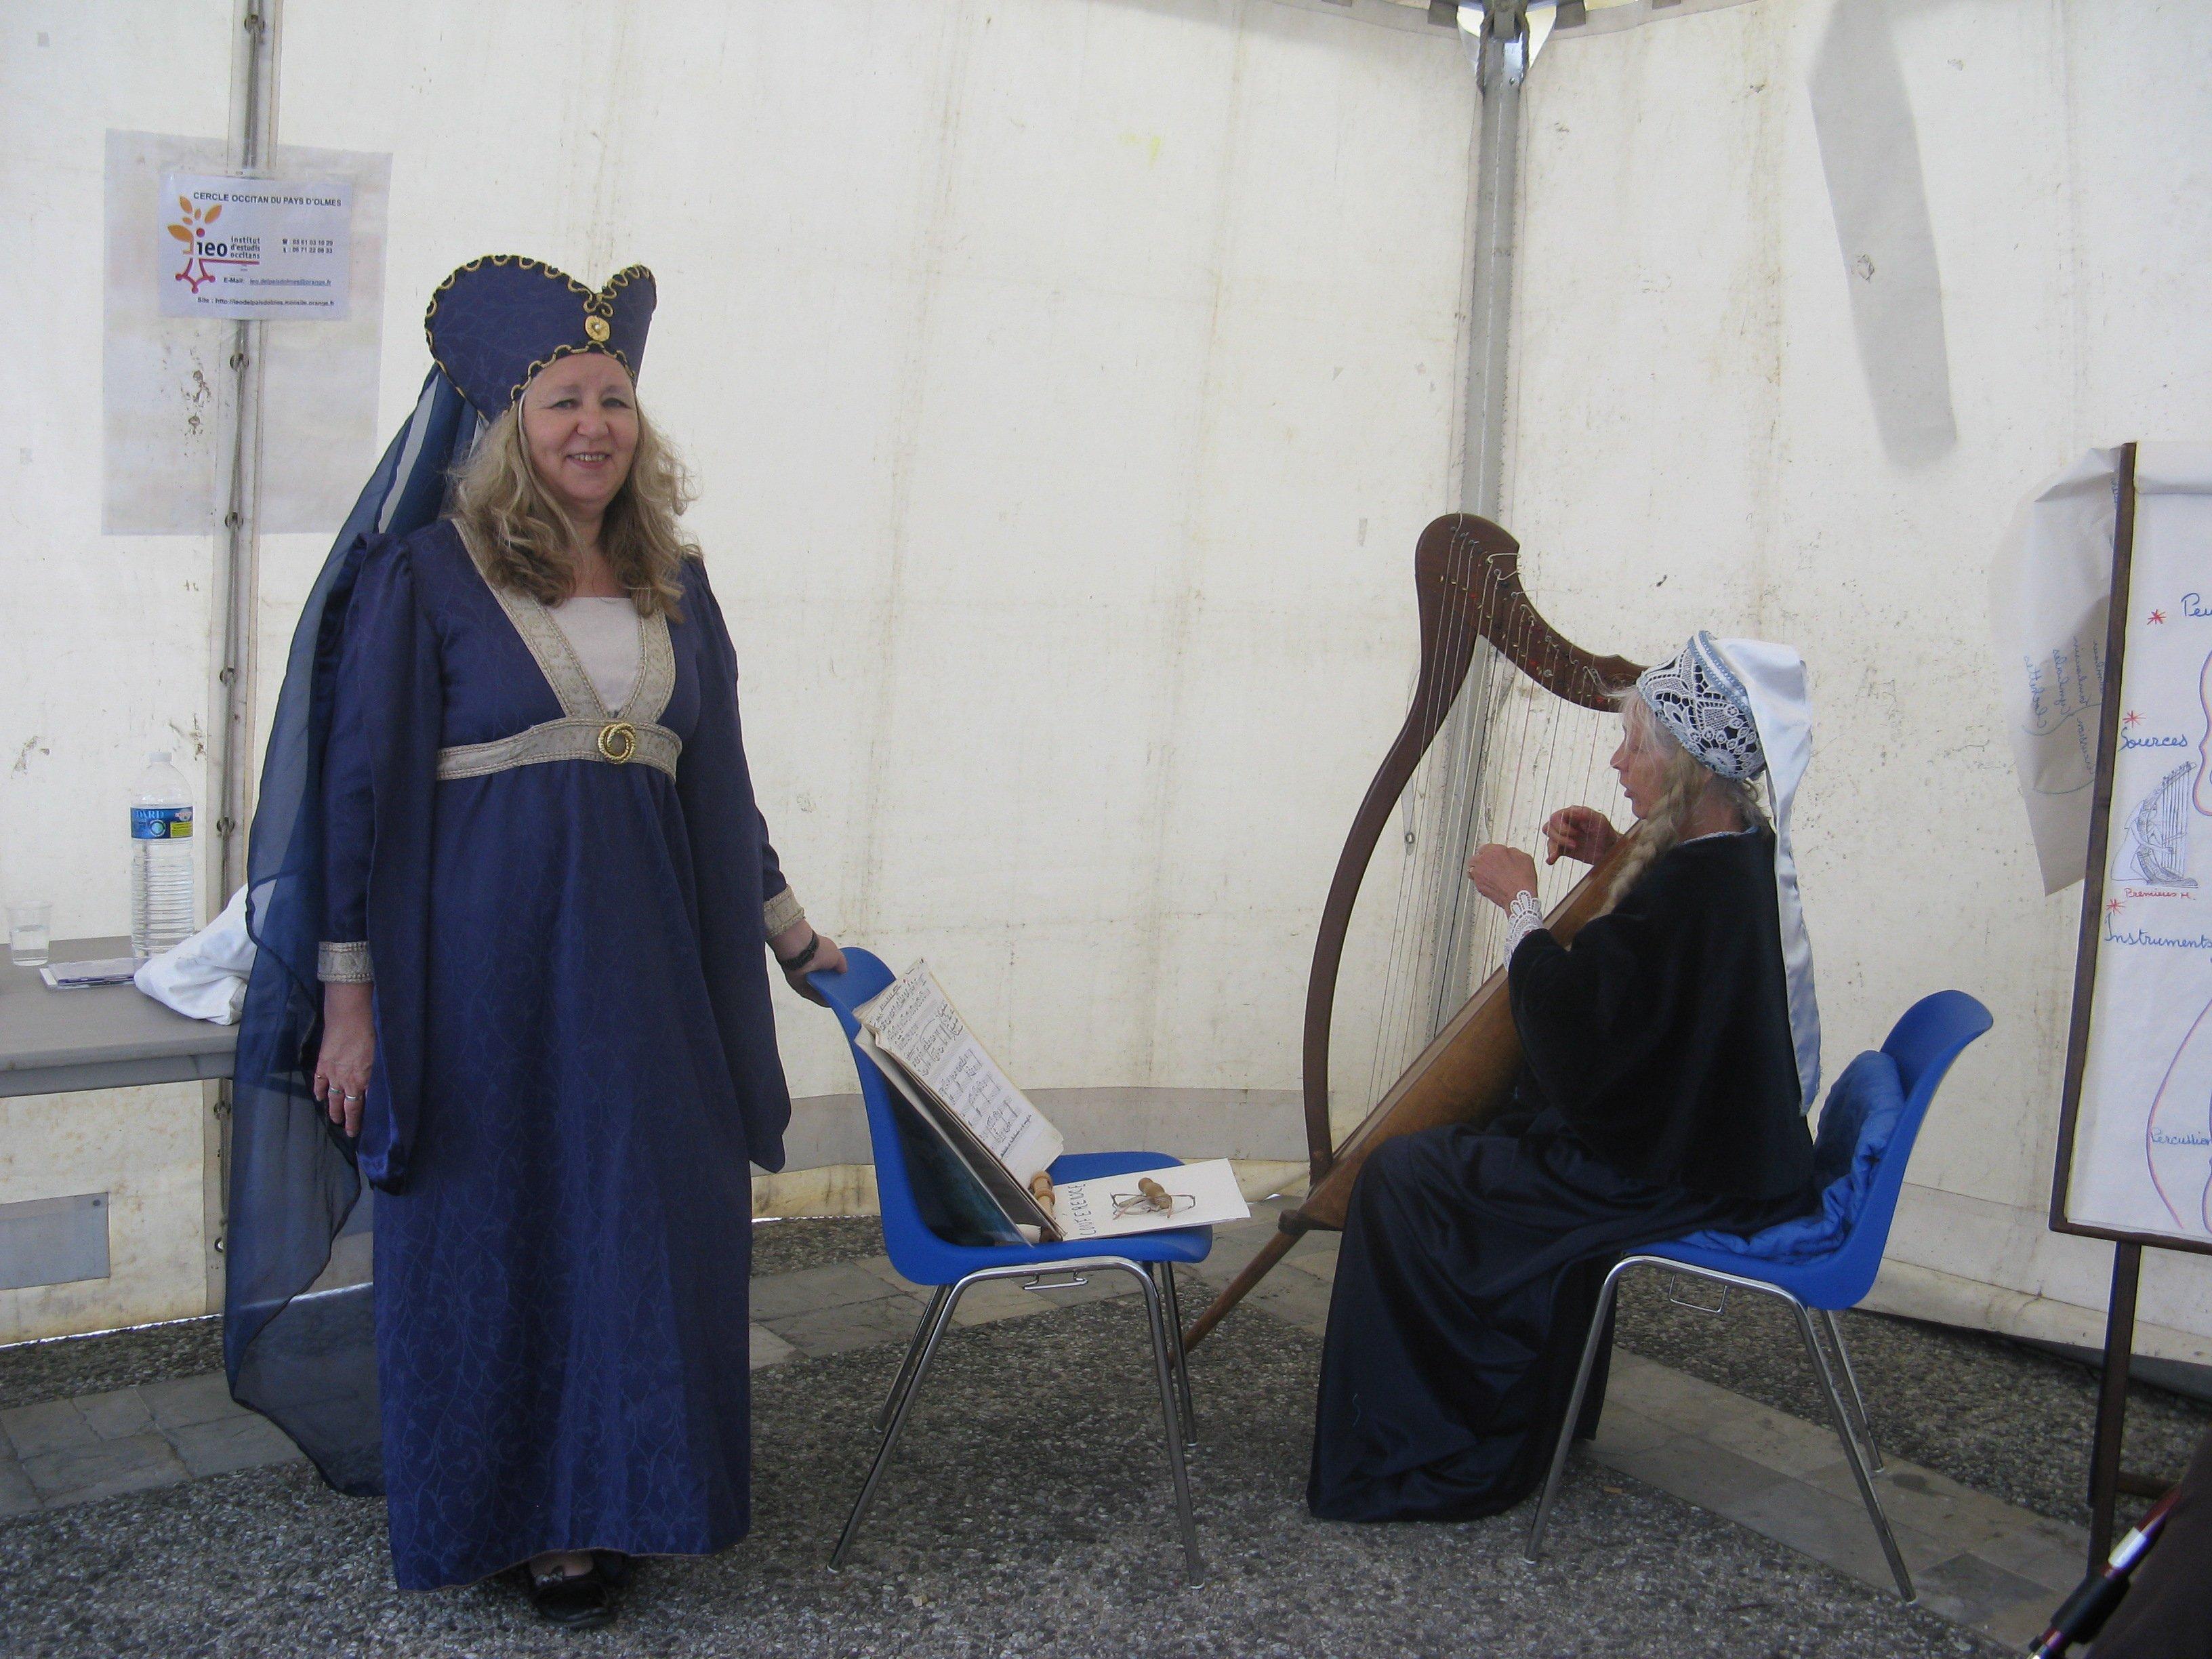 Festa Occitana